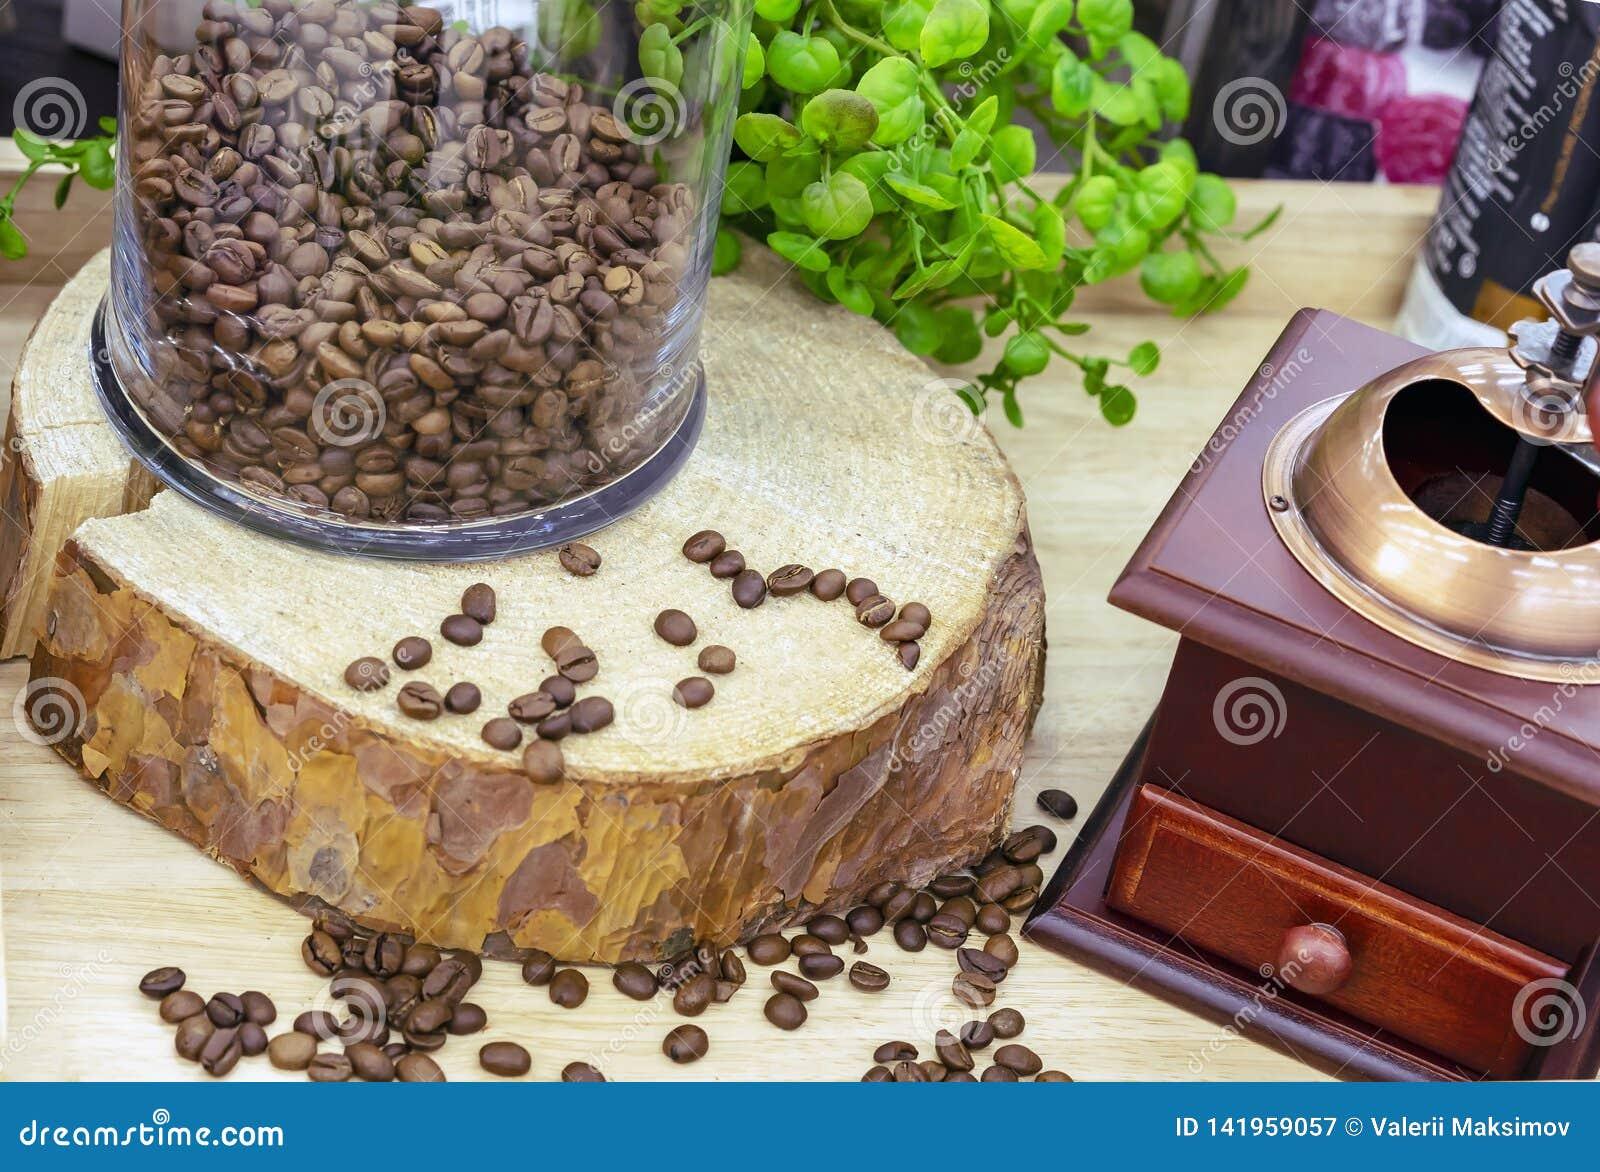 Σιτάρια καφέ στην περικοπή πριονιών του δέντρου δίπλα στο μύλο καφέ